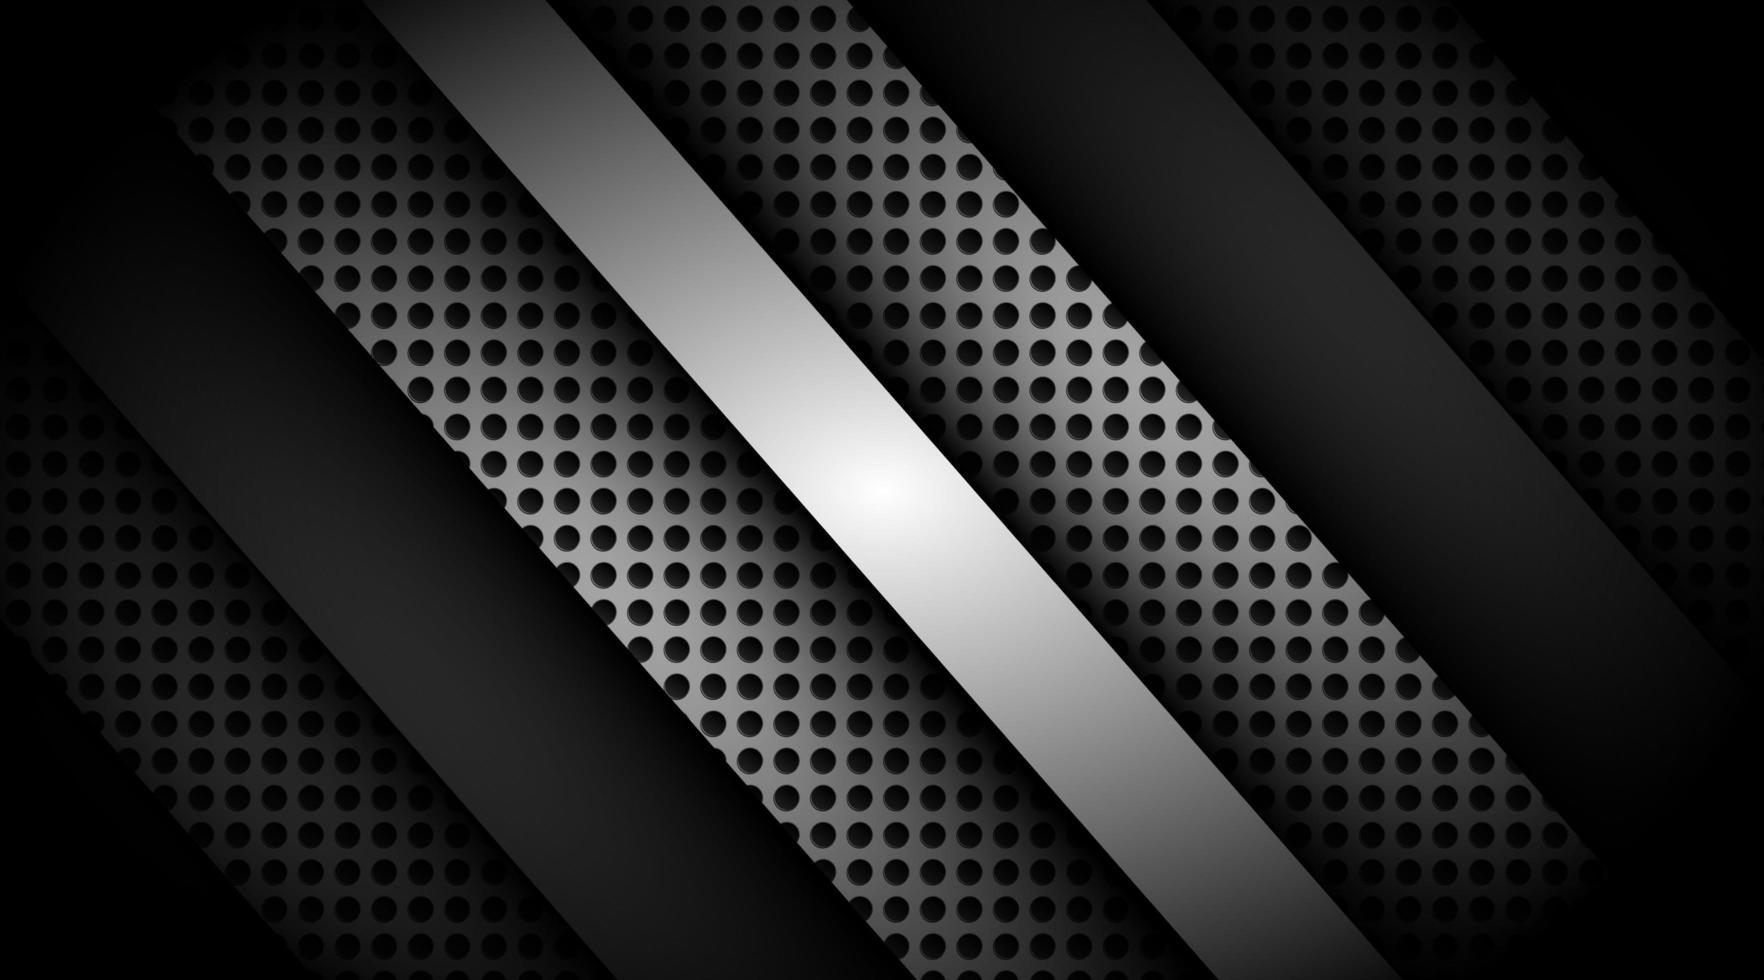 dunkles überlappendes 3d schwarz und grau mit silbernem Hintergrund vektor